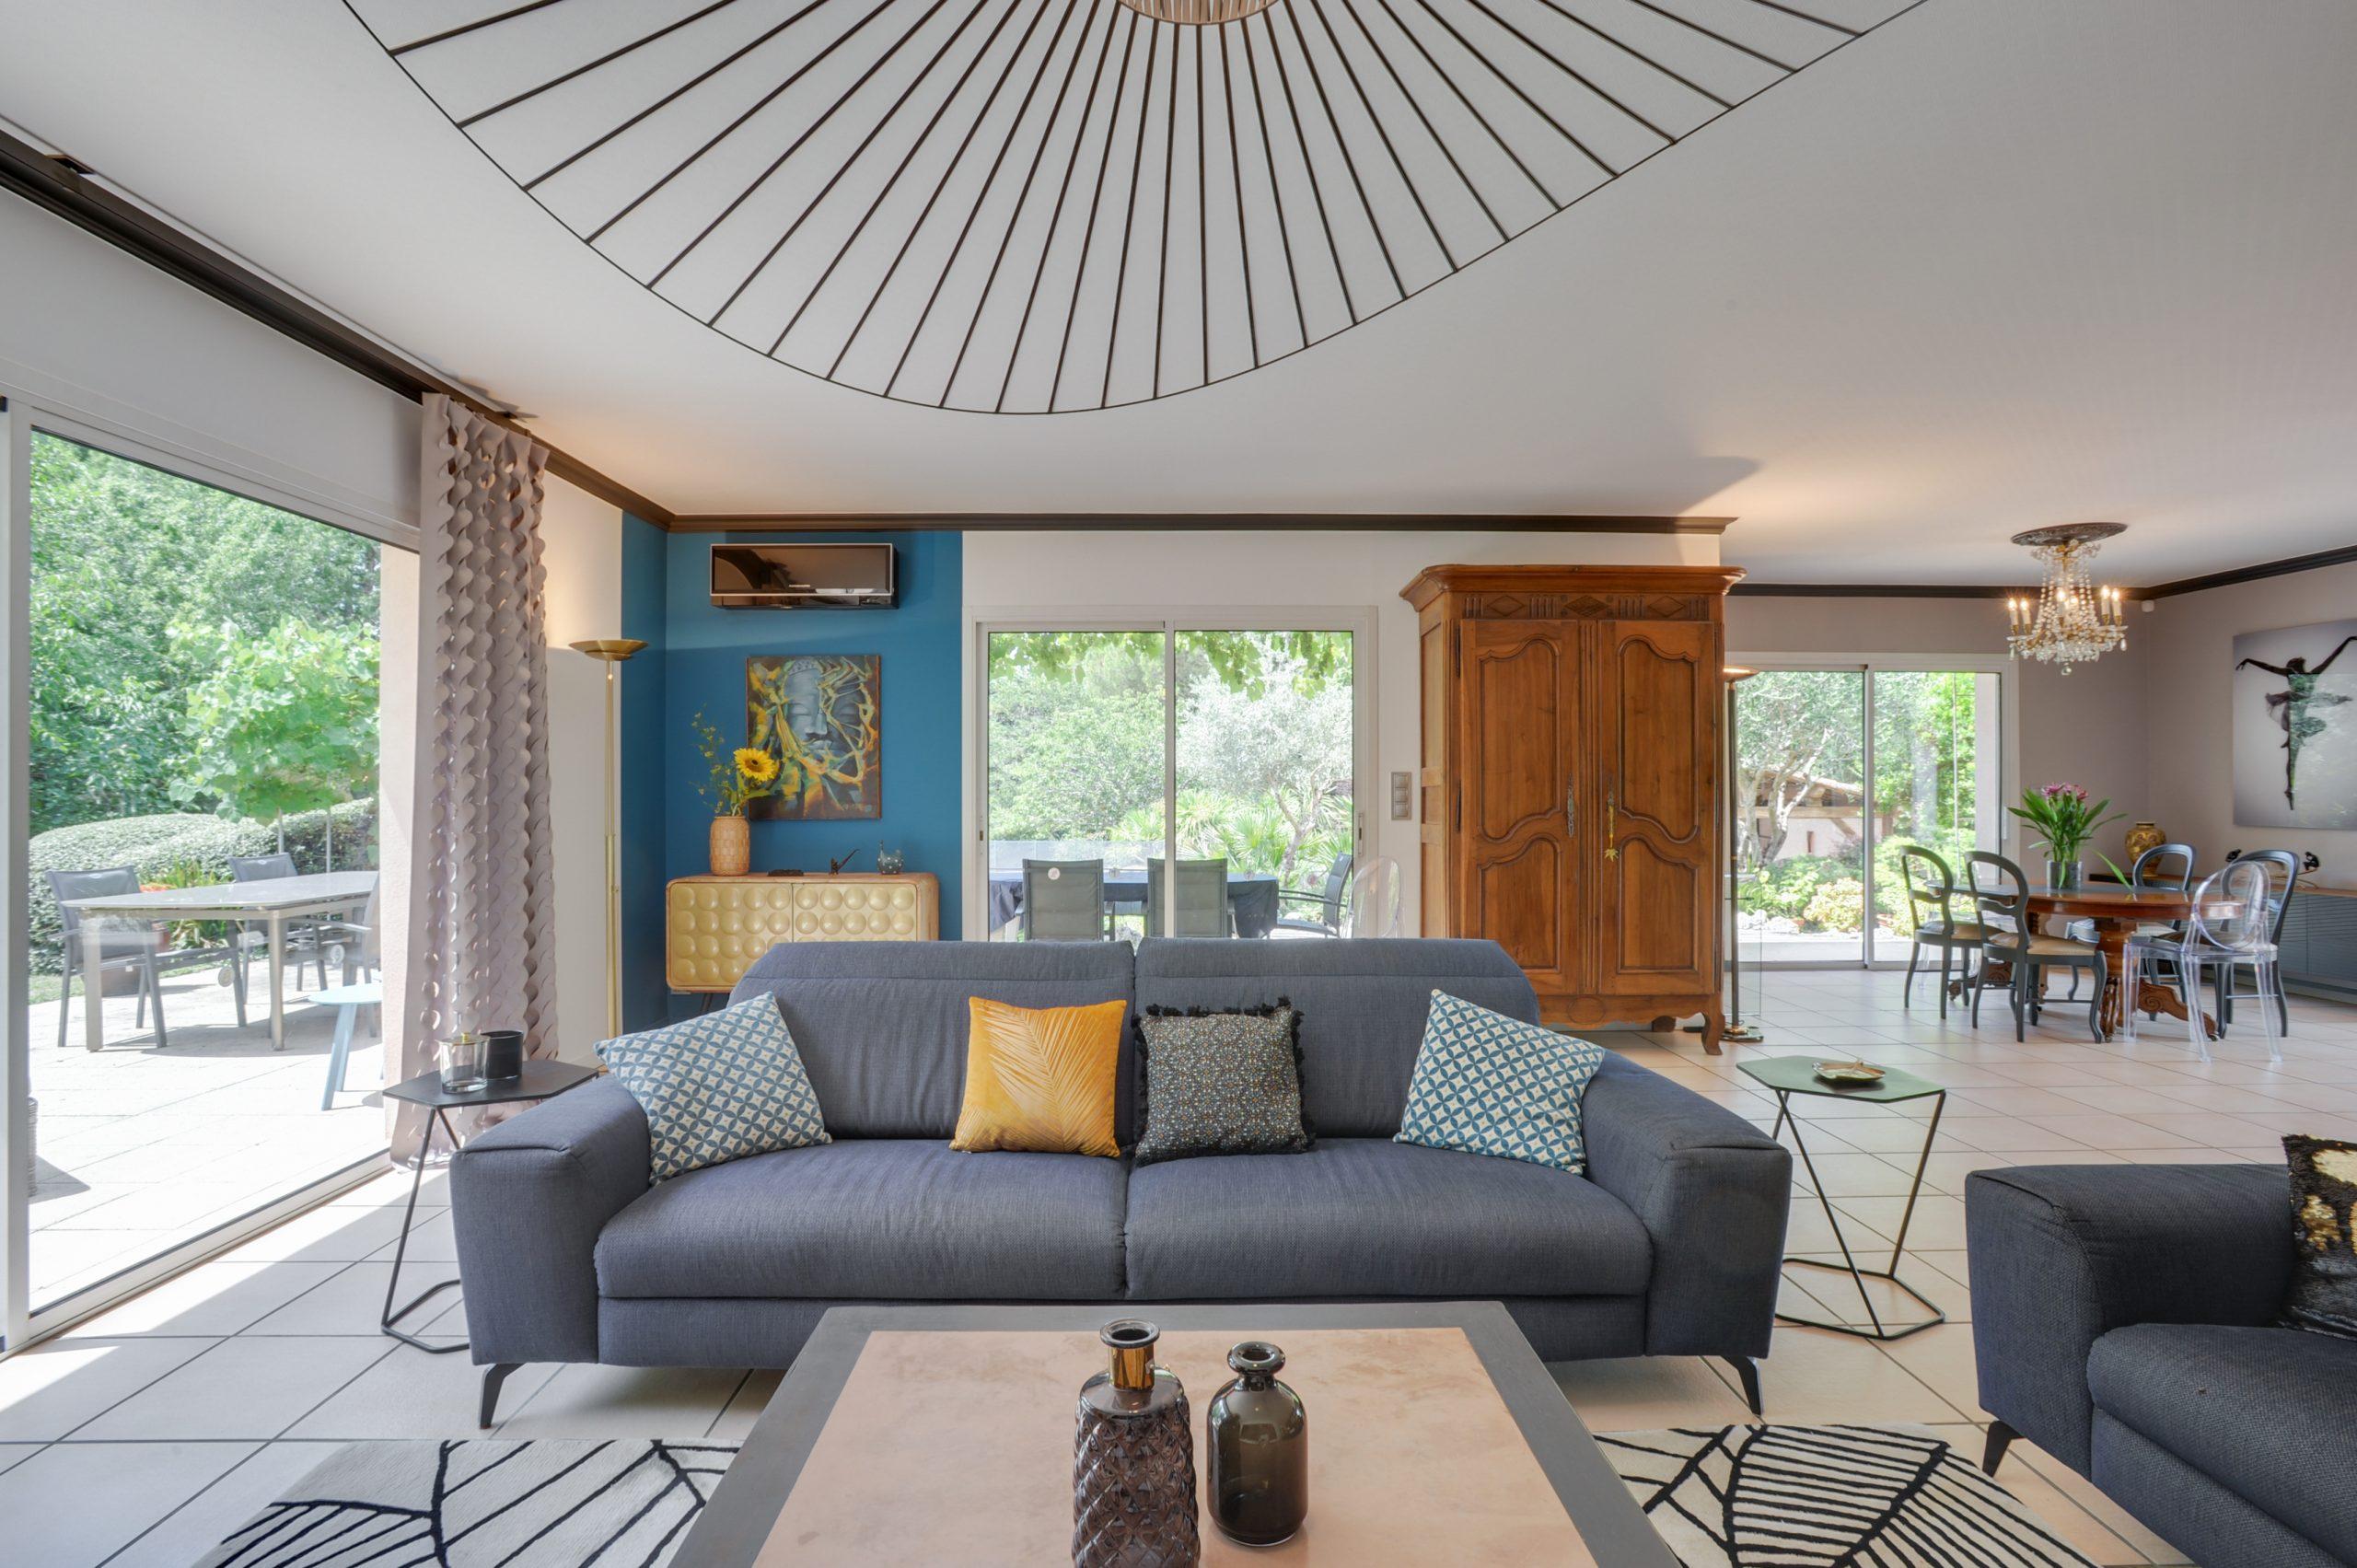 E/p Espace Design - Emilie Peyrille: Un Jardin Design Chez ... intérieur Idee Amenagement Jardin Zen